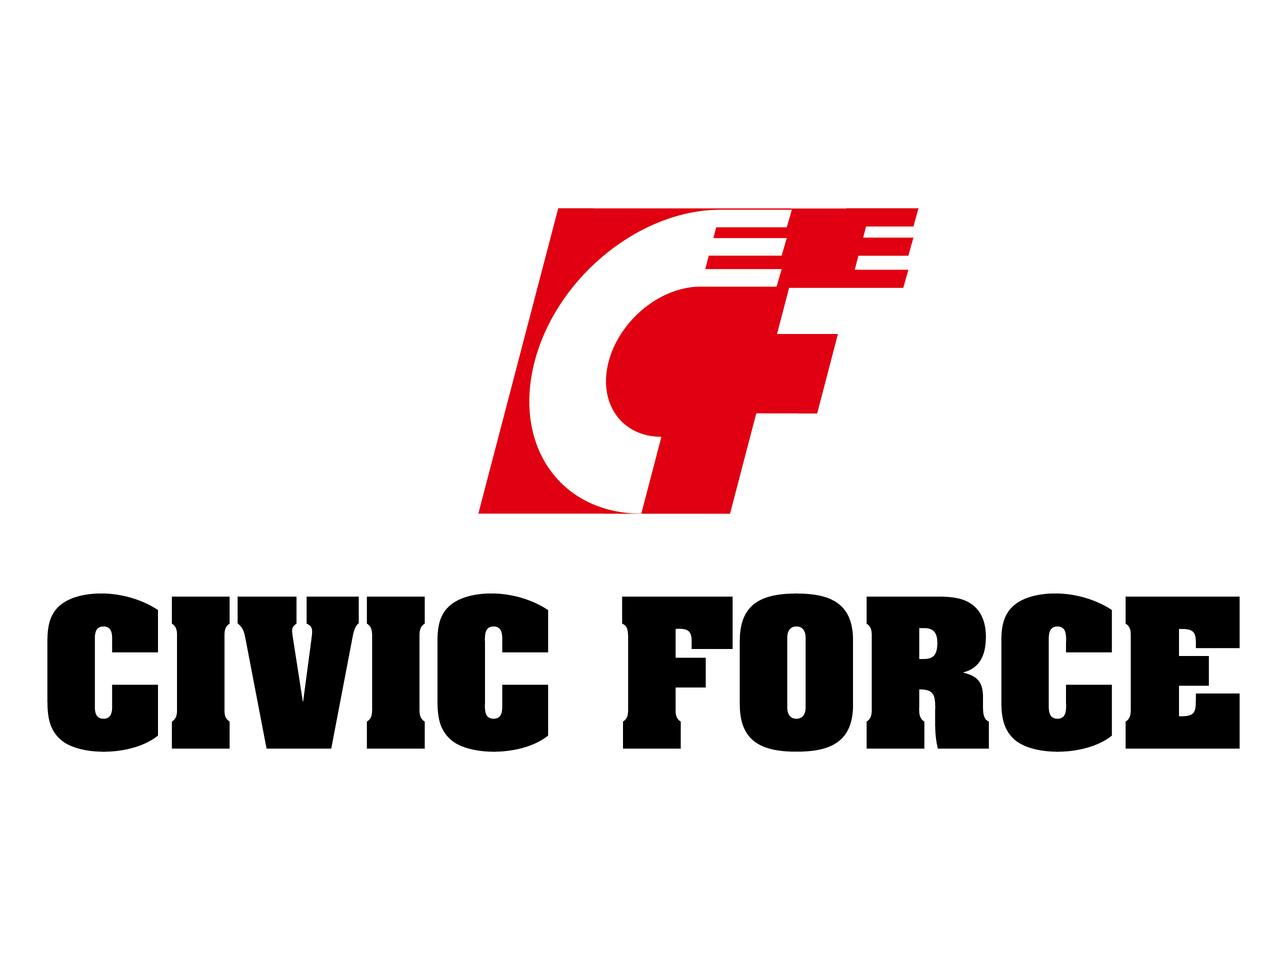 [Civic Force]の画像